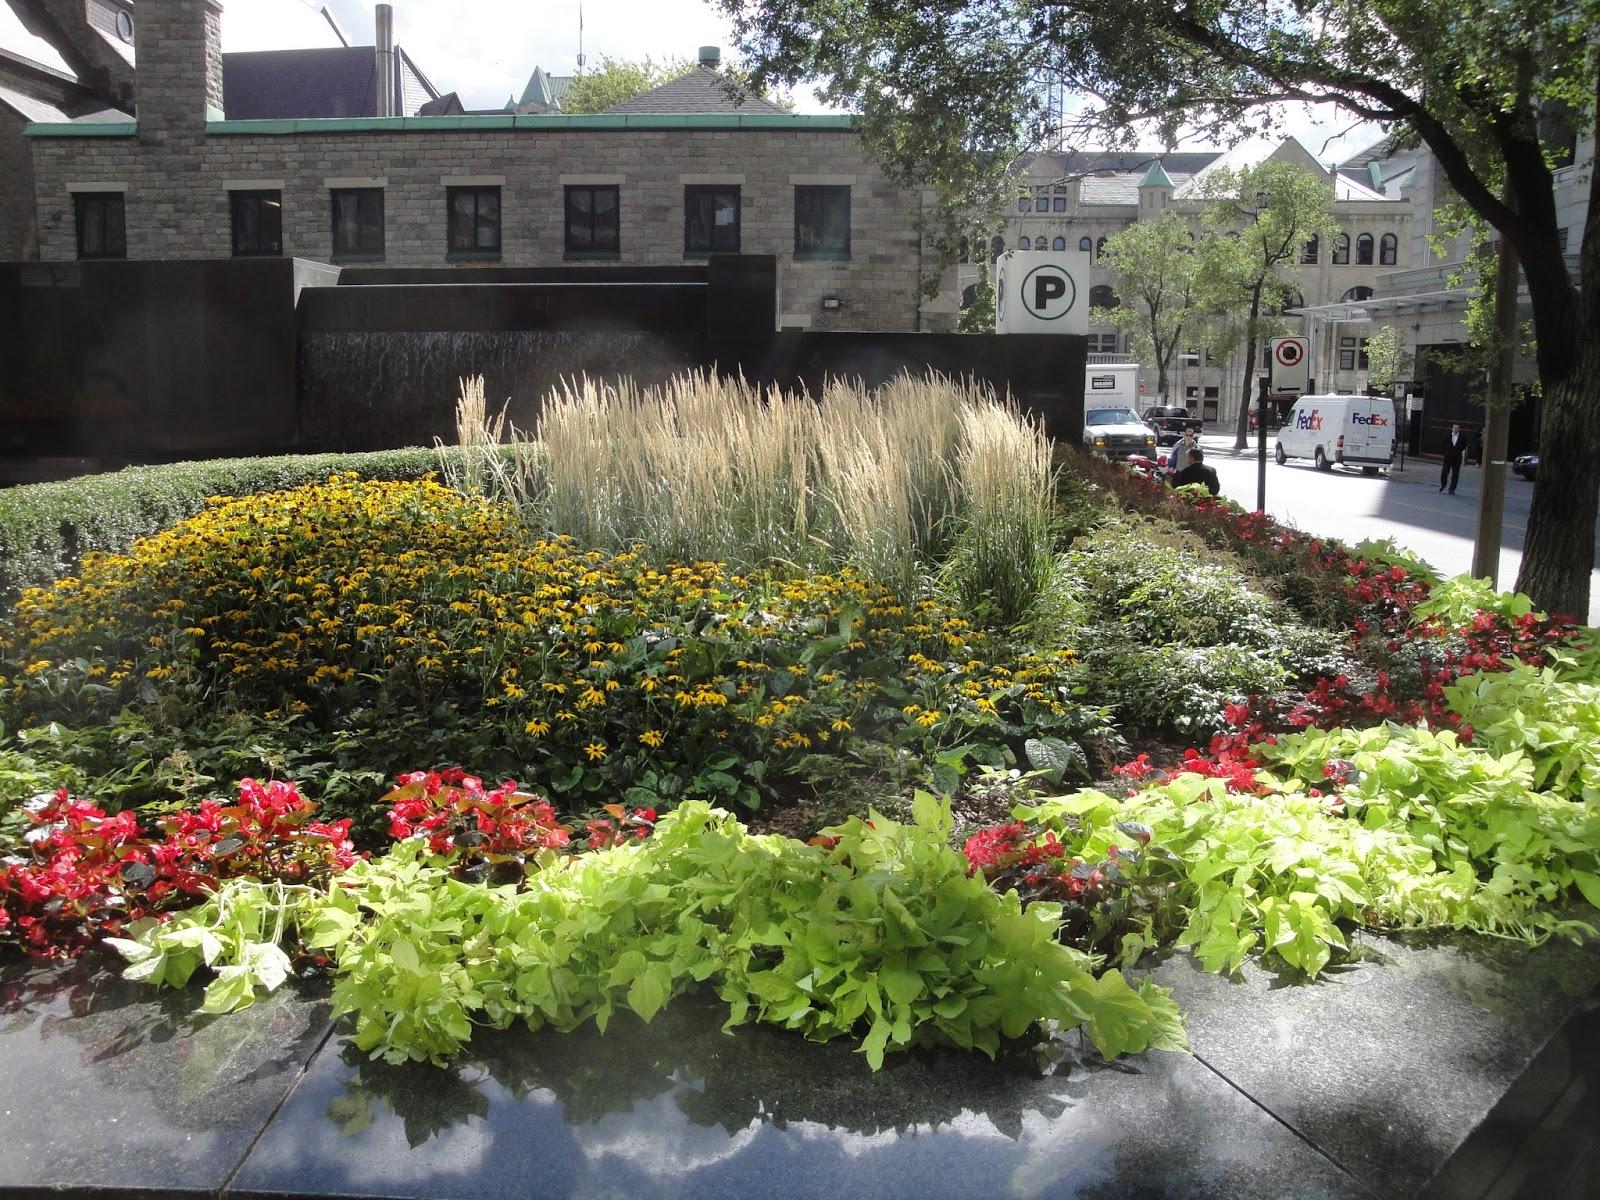 paysagiste strathmore landscape garden tour part 2. Black Bedroom Furniture Sets. Home Design Ideas